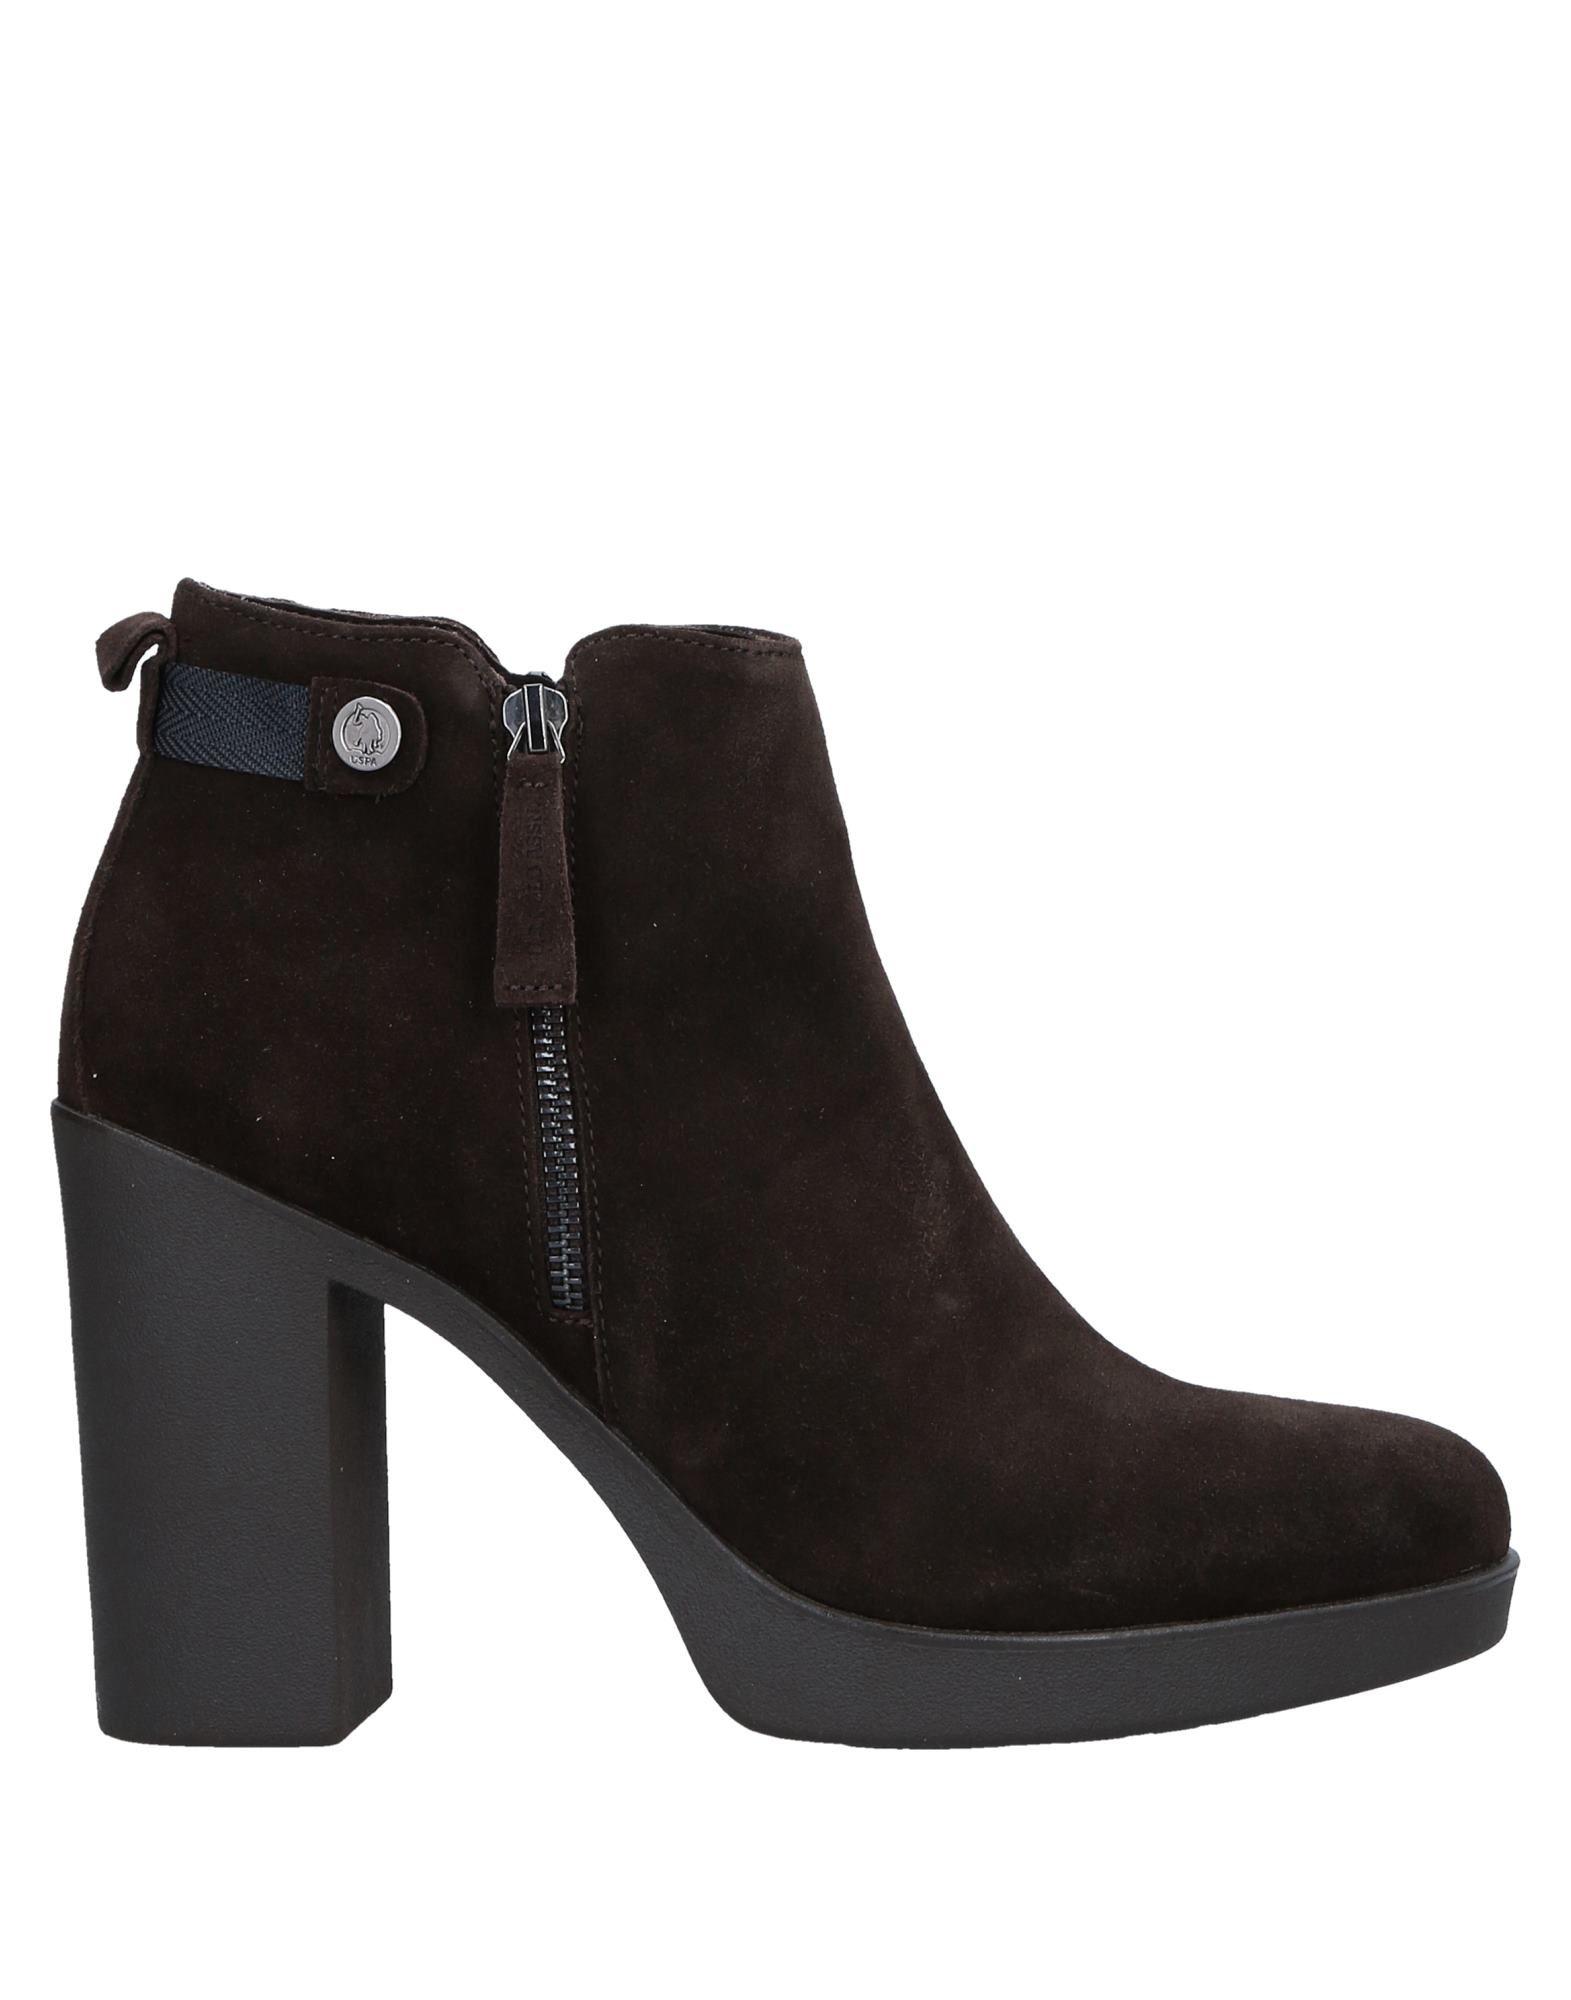 U.S.Polo Assn. Stiefelette Damen  Schuhe 11522500FN Gute Qualität beliebte Schuhe  b84e77